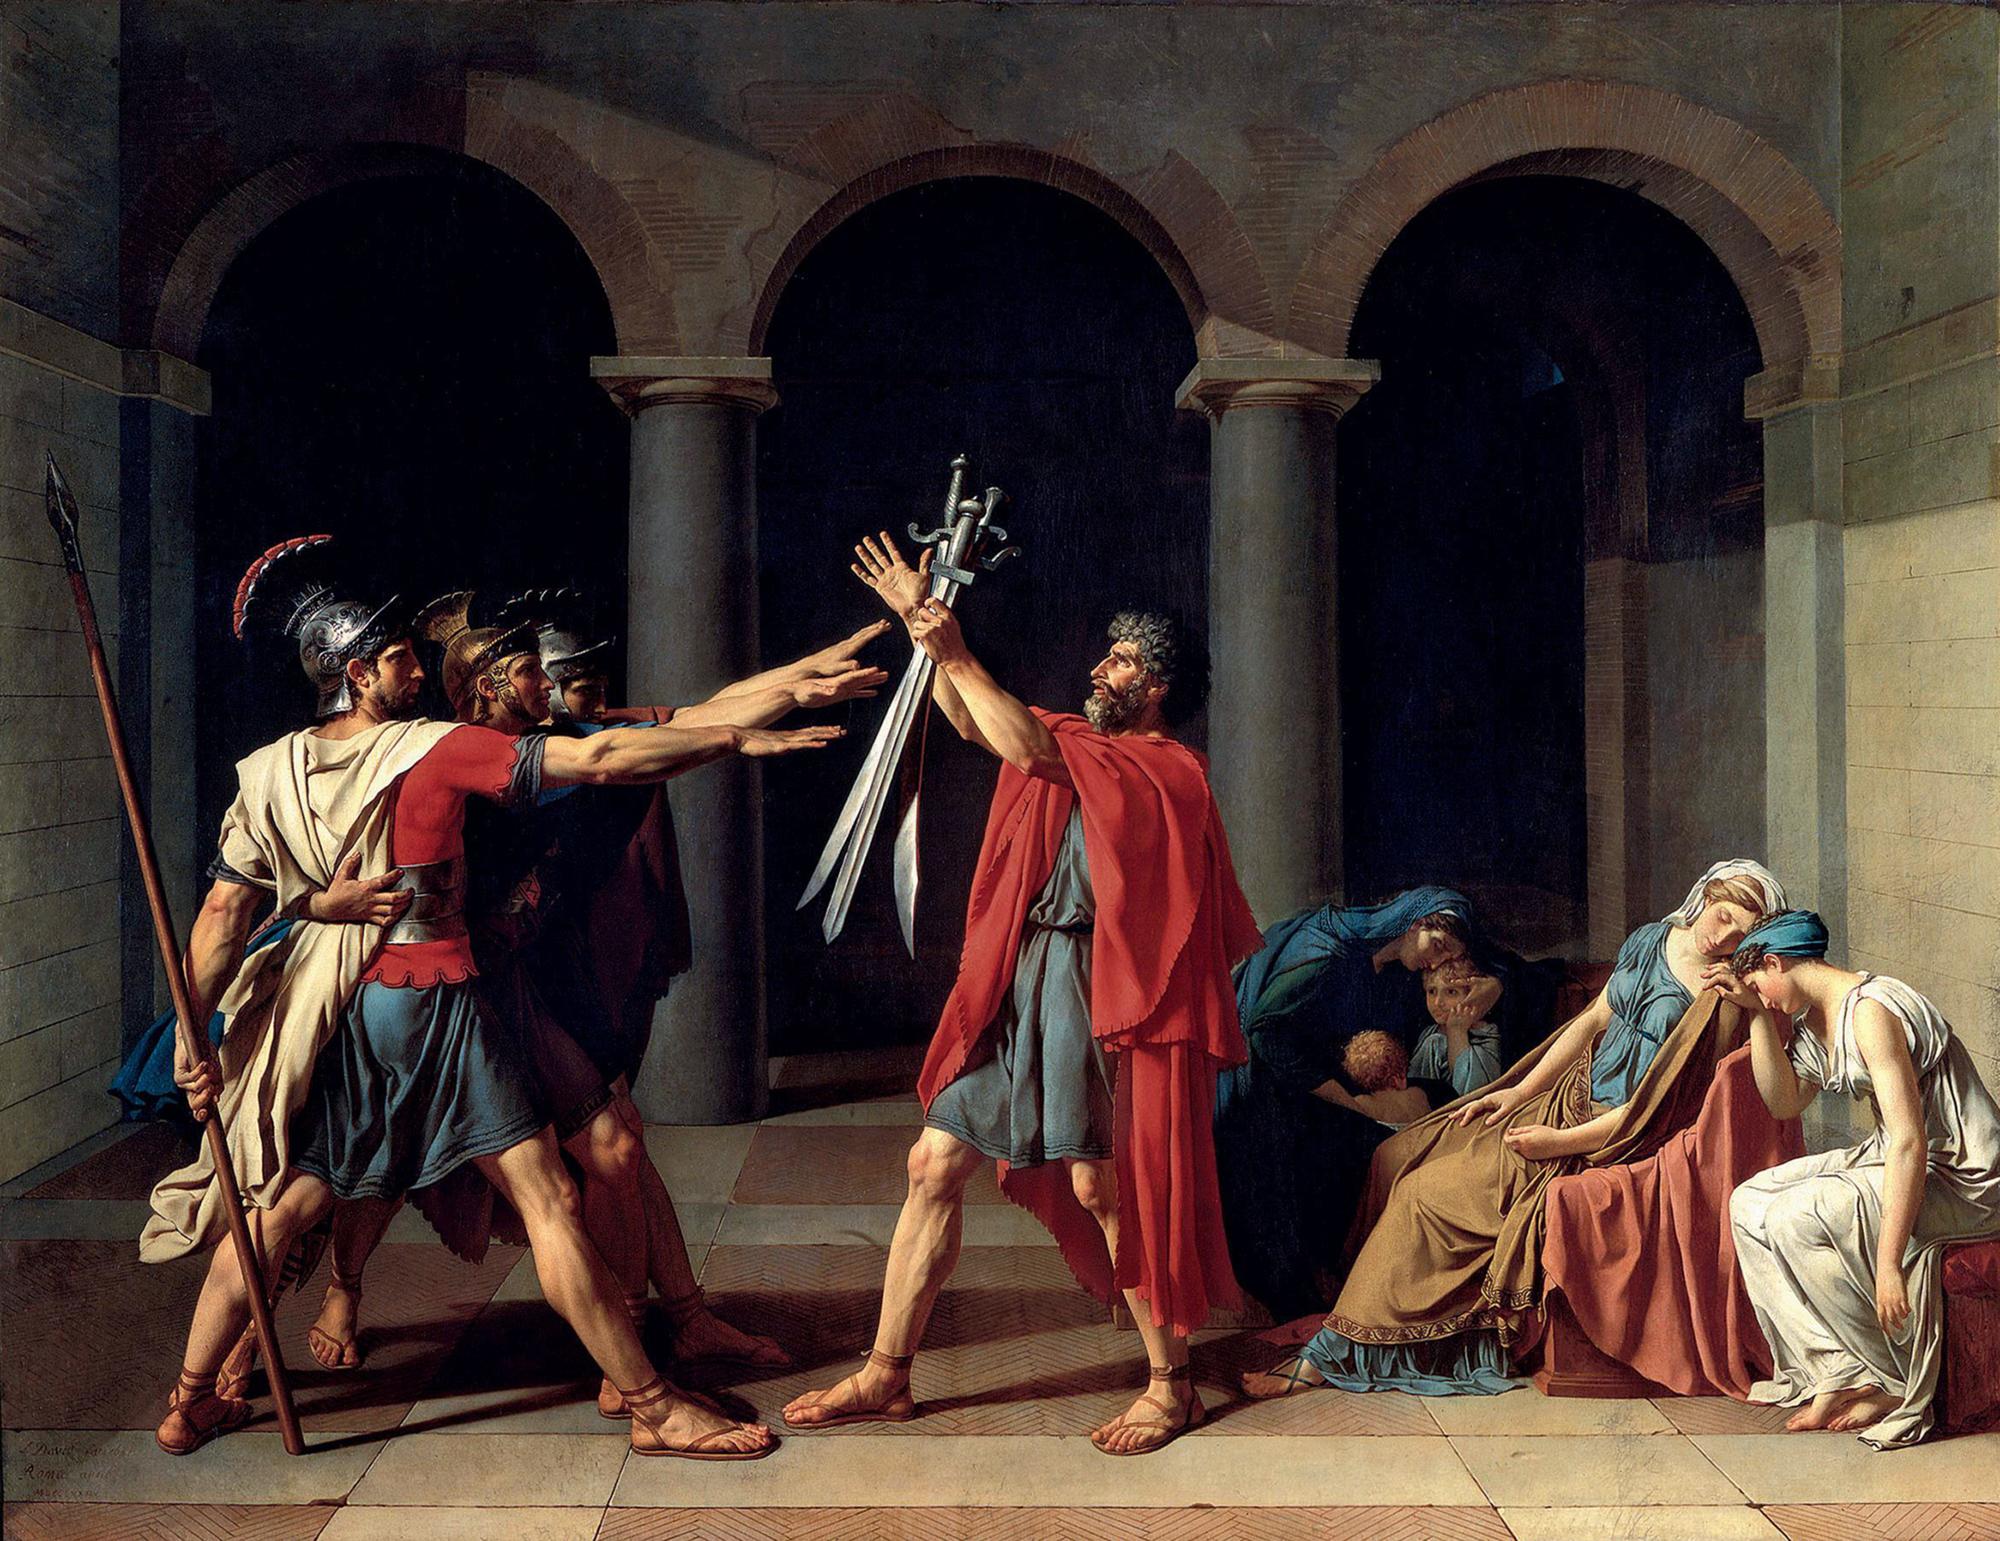 Jacques-Louis David, Il giuramento degli Orazi, 1784-85